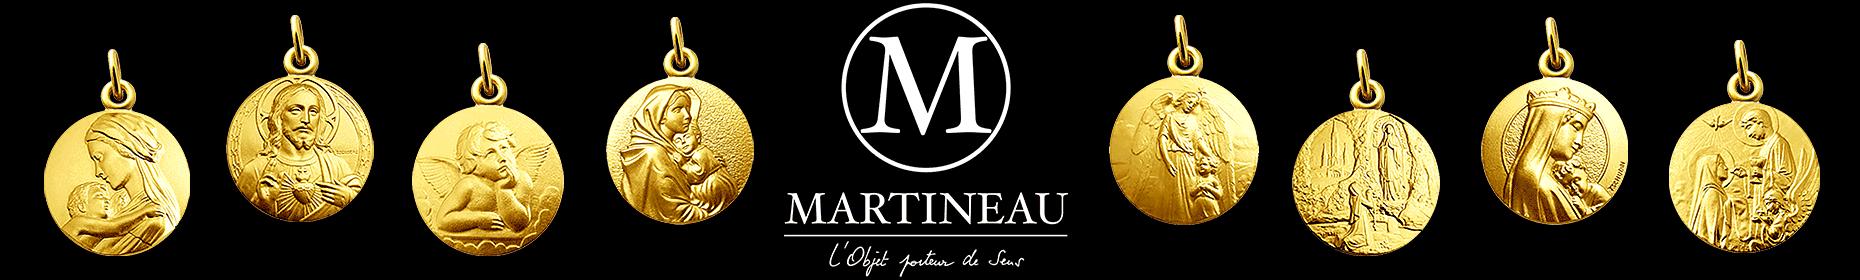 Medailles Martineau